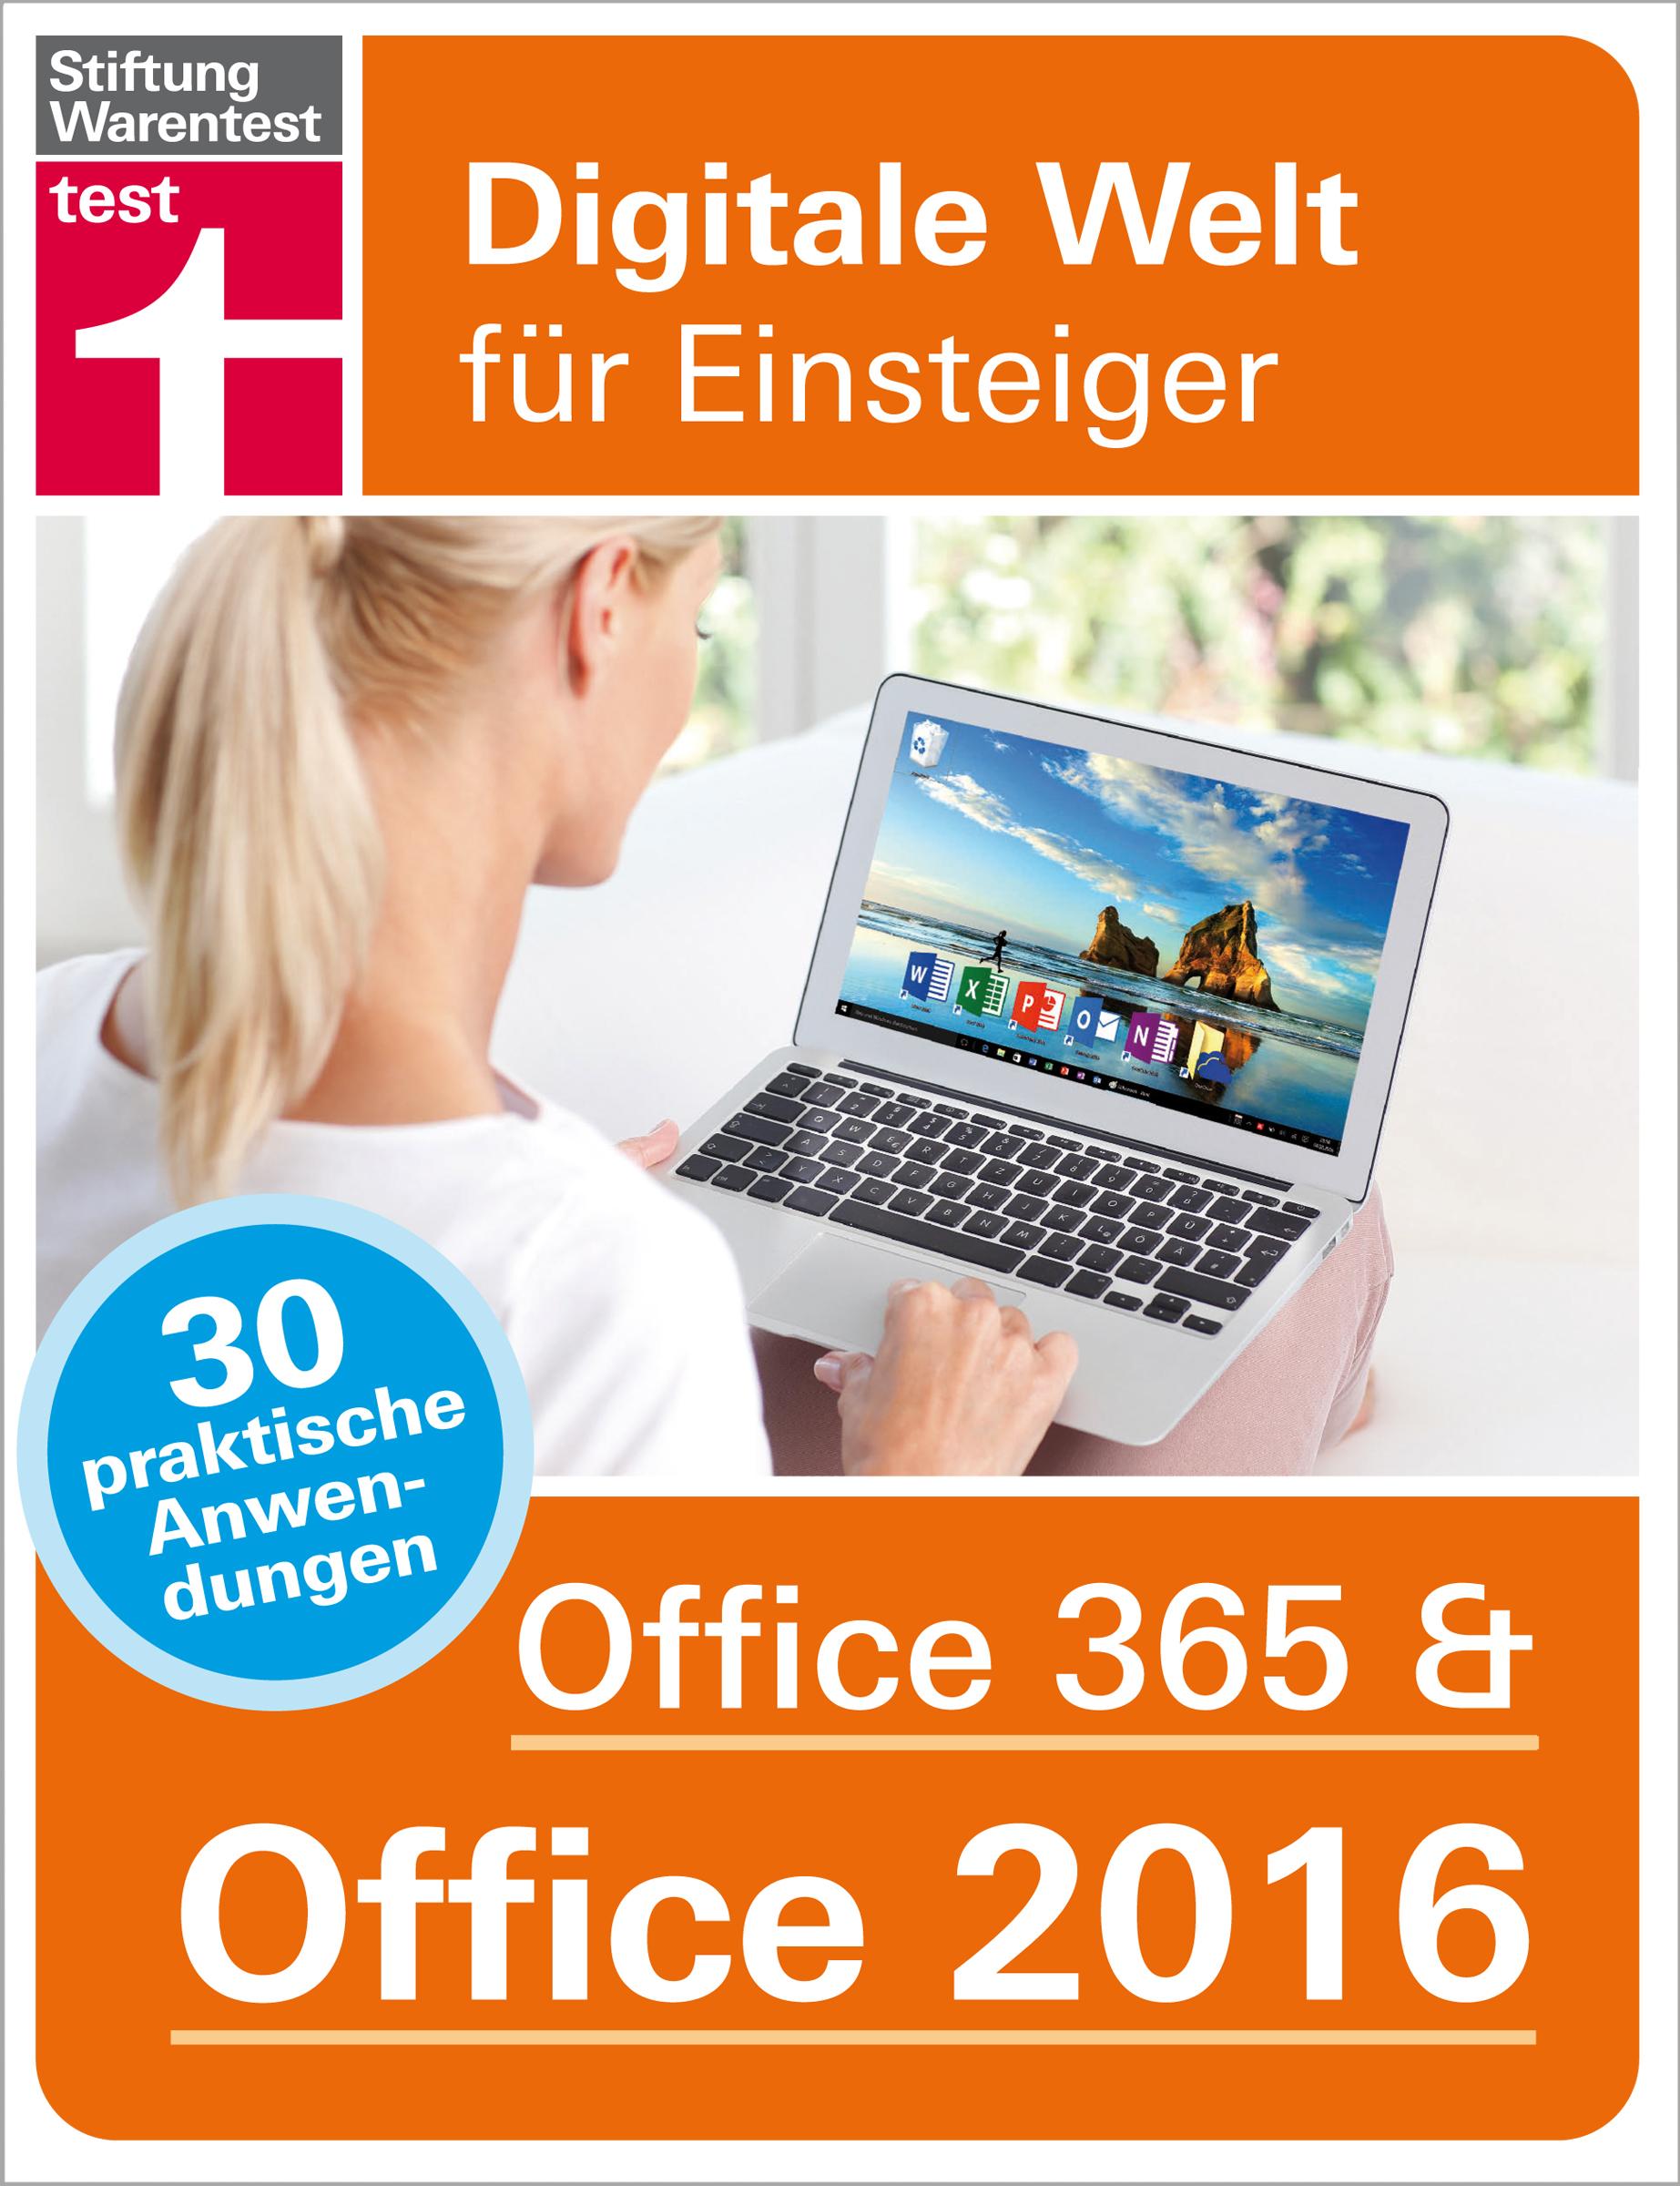 Andreas Erle Office 365 & Office 2016 erle stanley gardner siniseks löödud silmaga blondiini juhtum